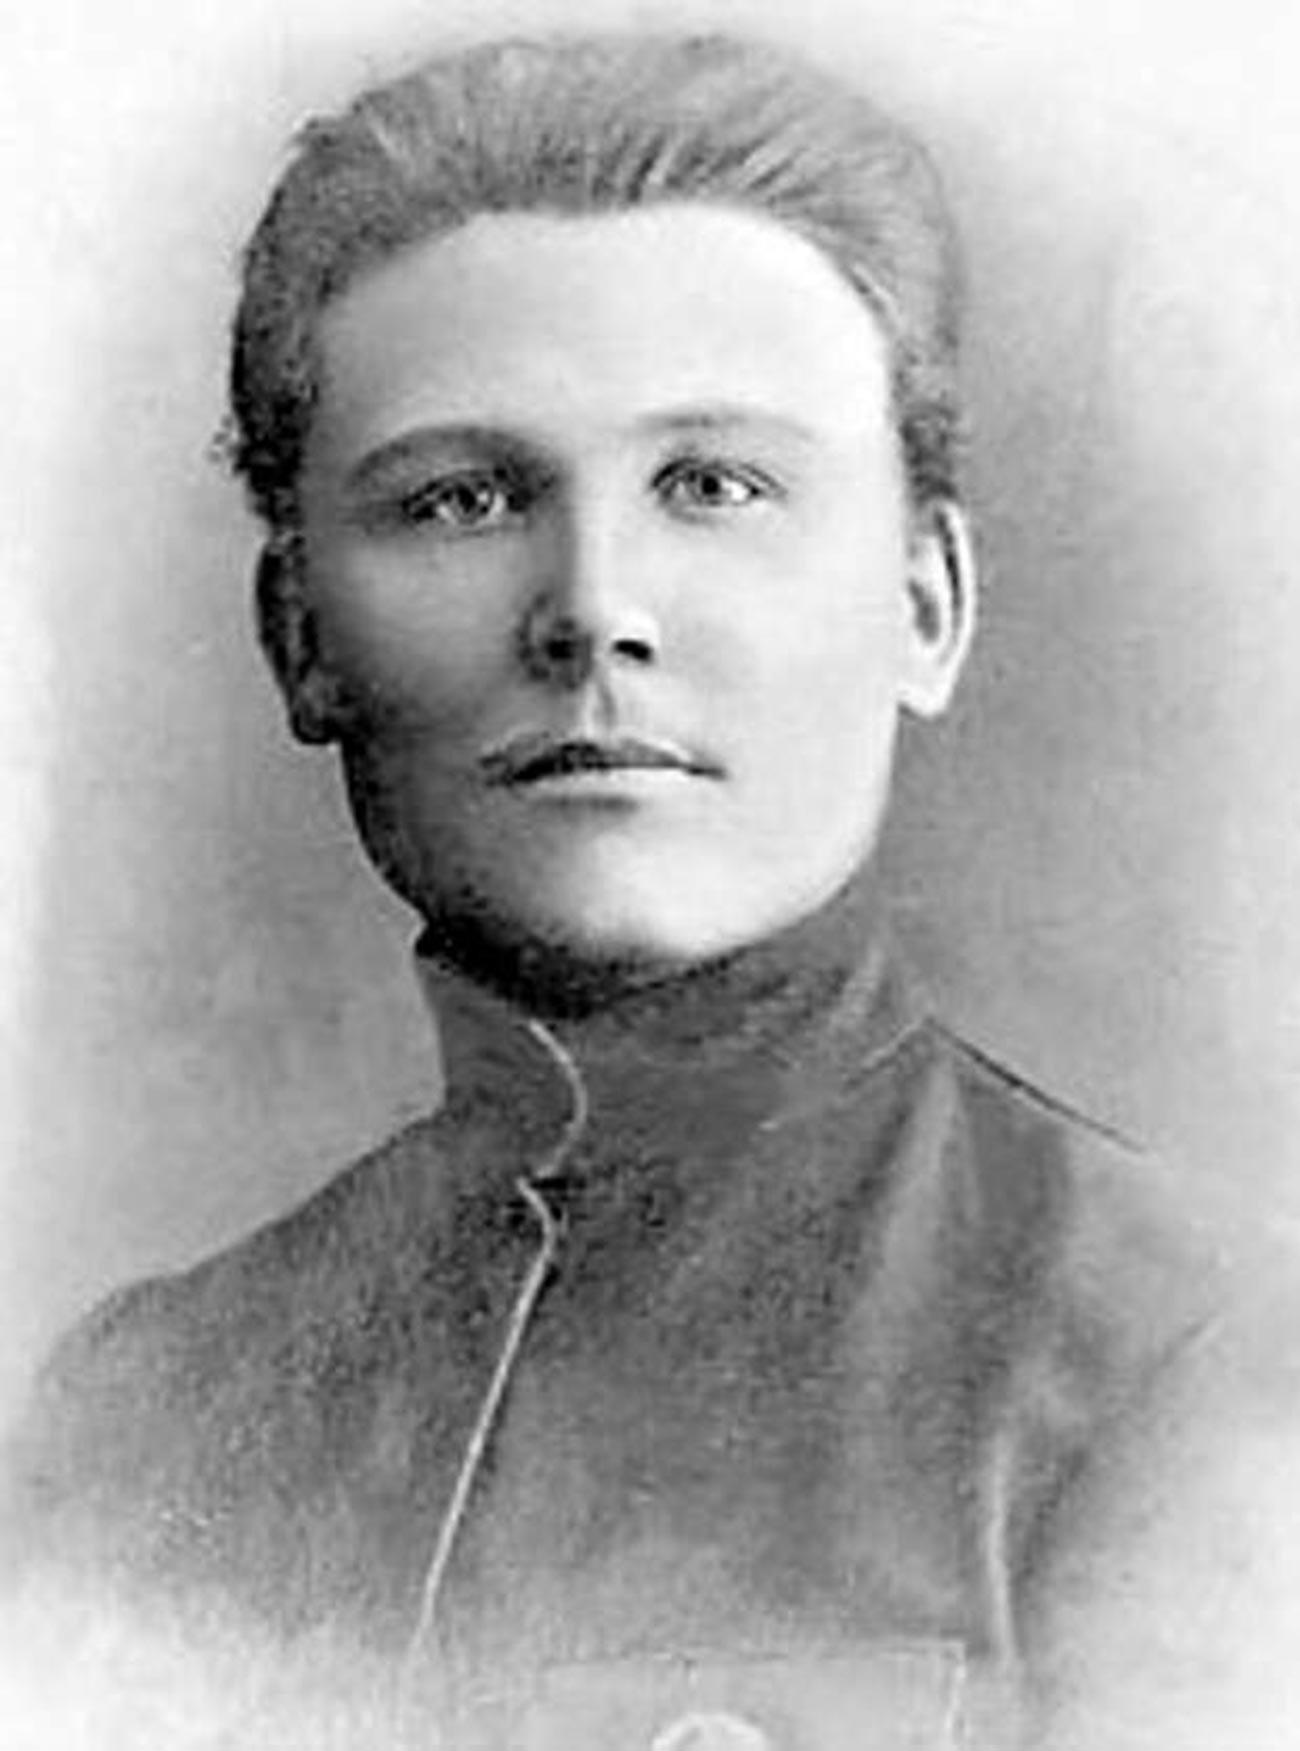 Ivan Konev, 1910 circa